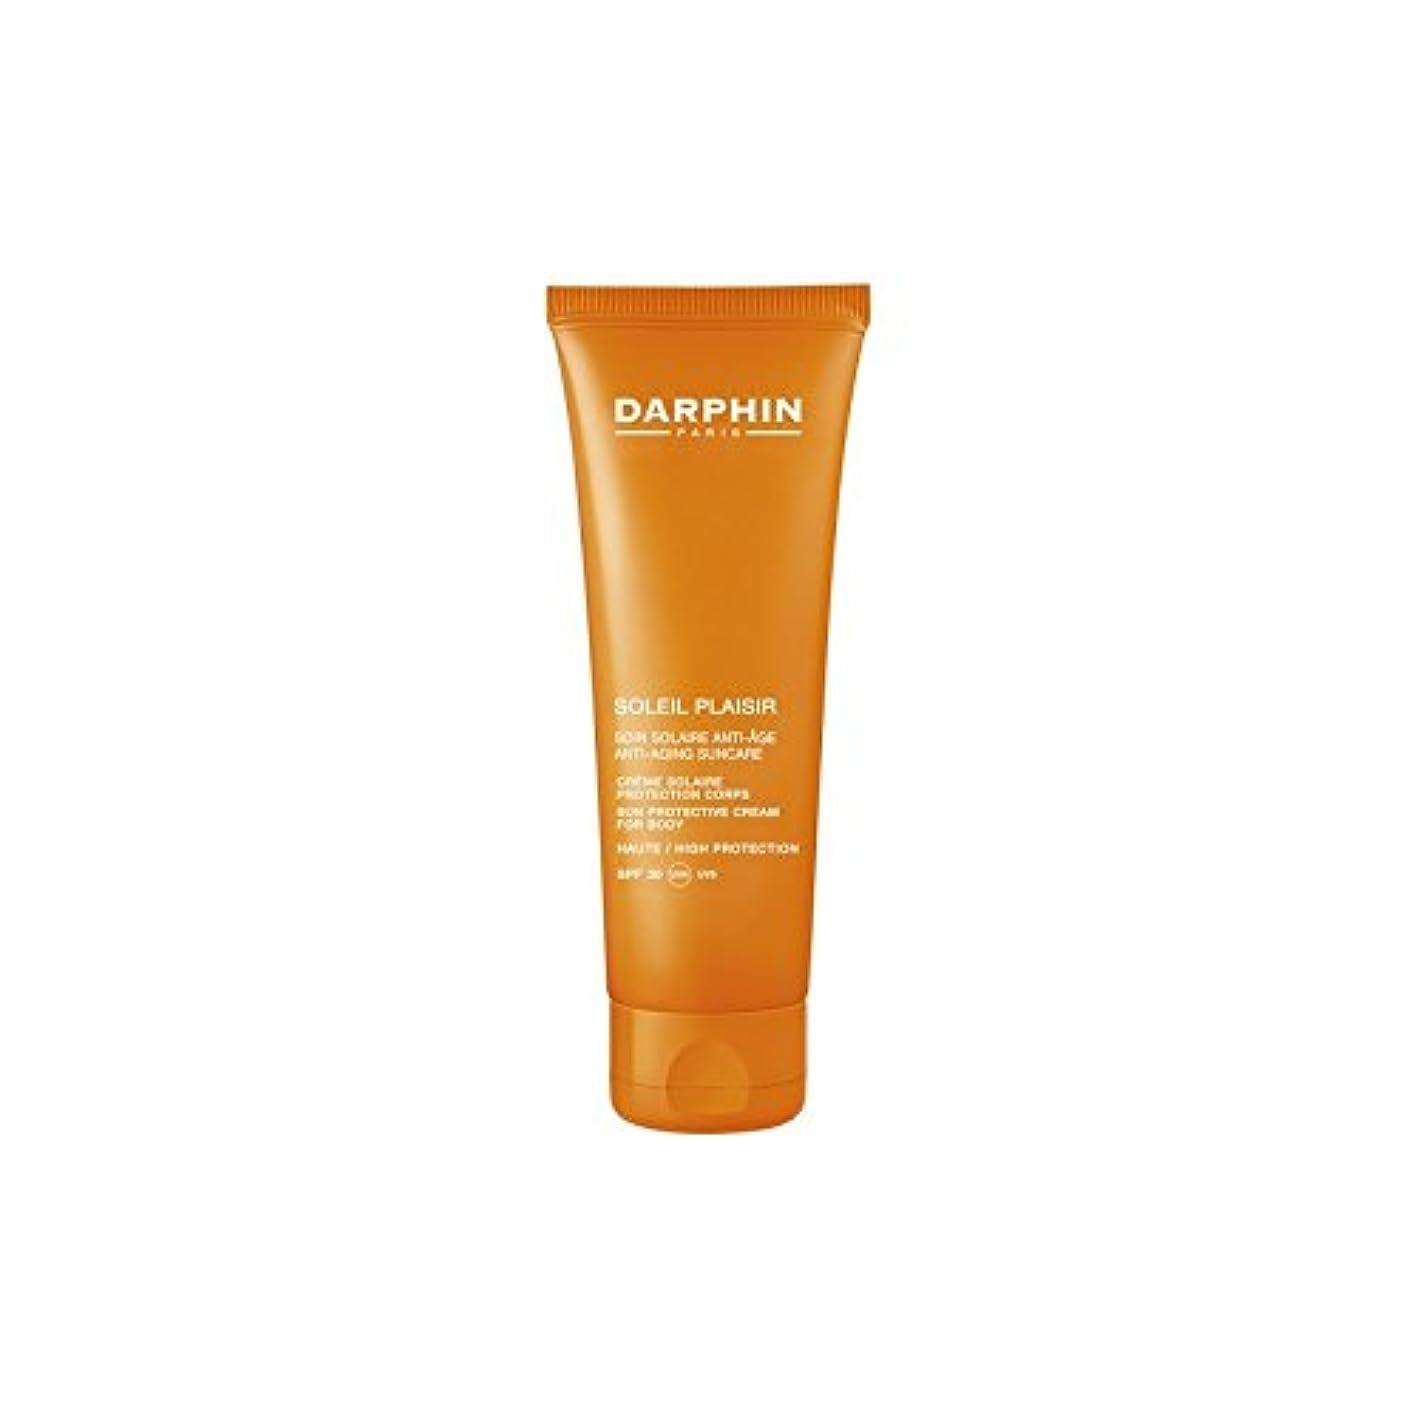 不快なリスキーな沈黙ダルファンソレイユプレジールボディクリーム x4 - Darphin Soleil Plaisir Body Cream (Pack of 4) [並行輸入品]